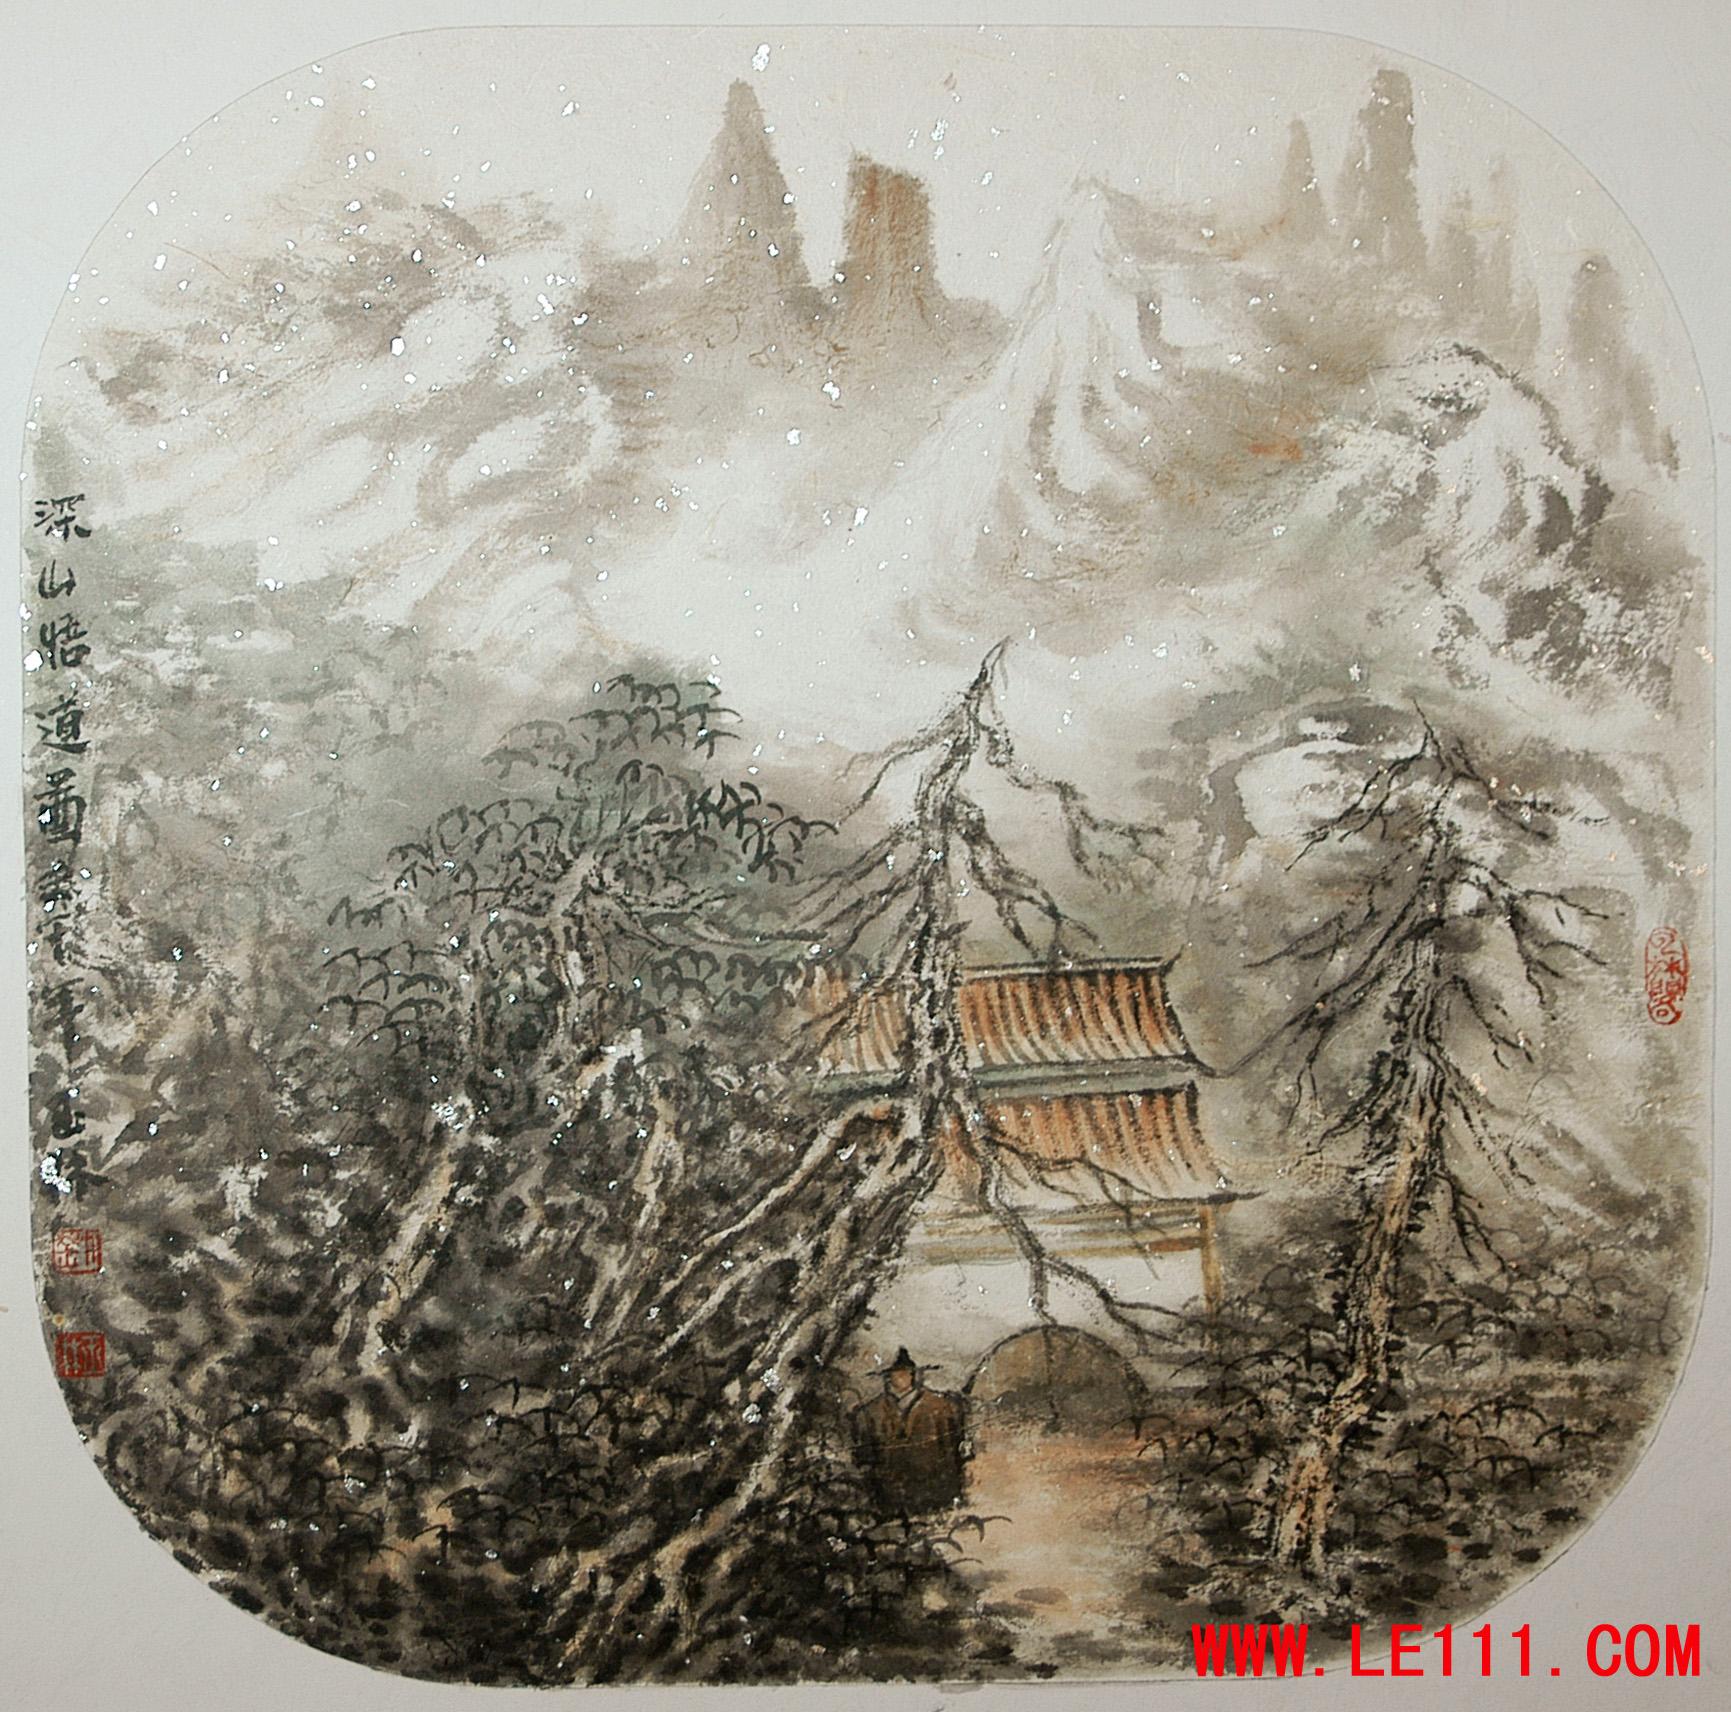 """名家 刘玉林 绘画 国画 山水画 - 刘玉林的作品""""作品27"""" 当前 位粉丝"""